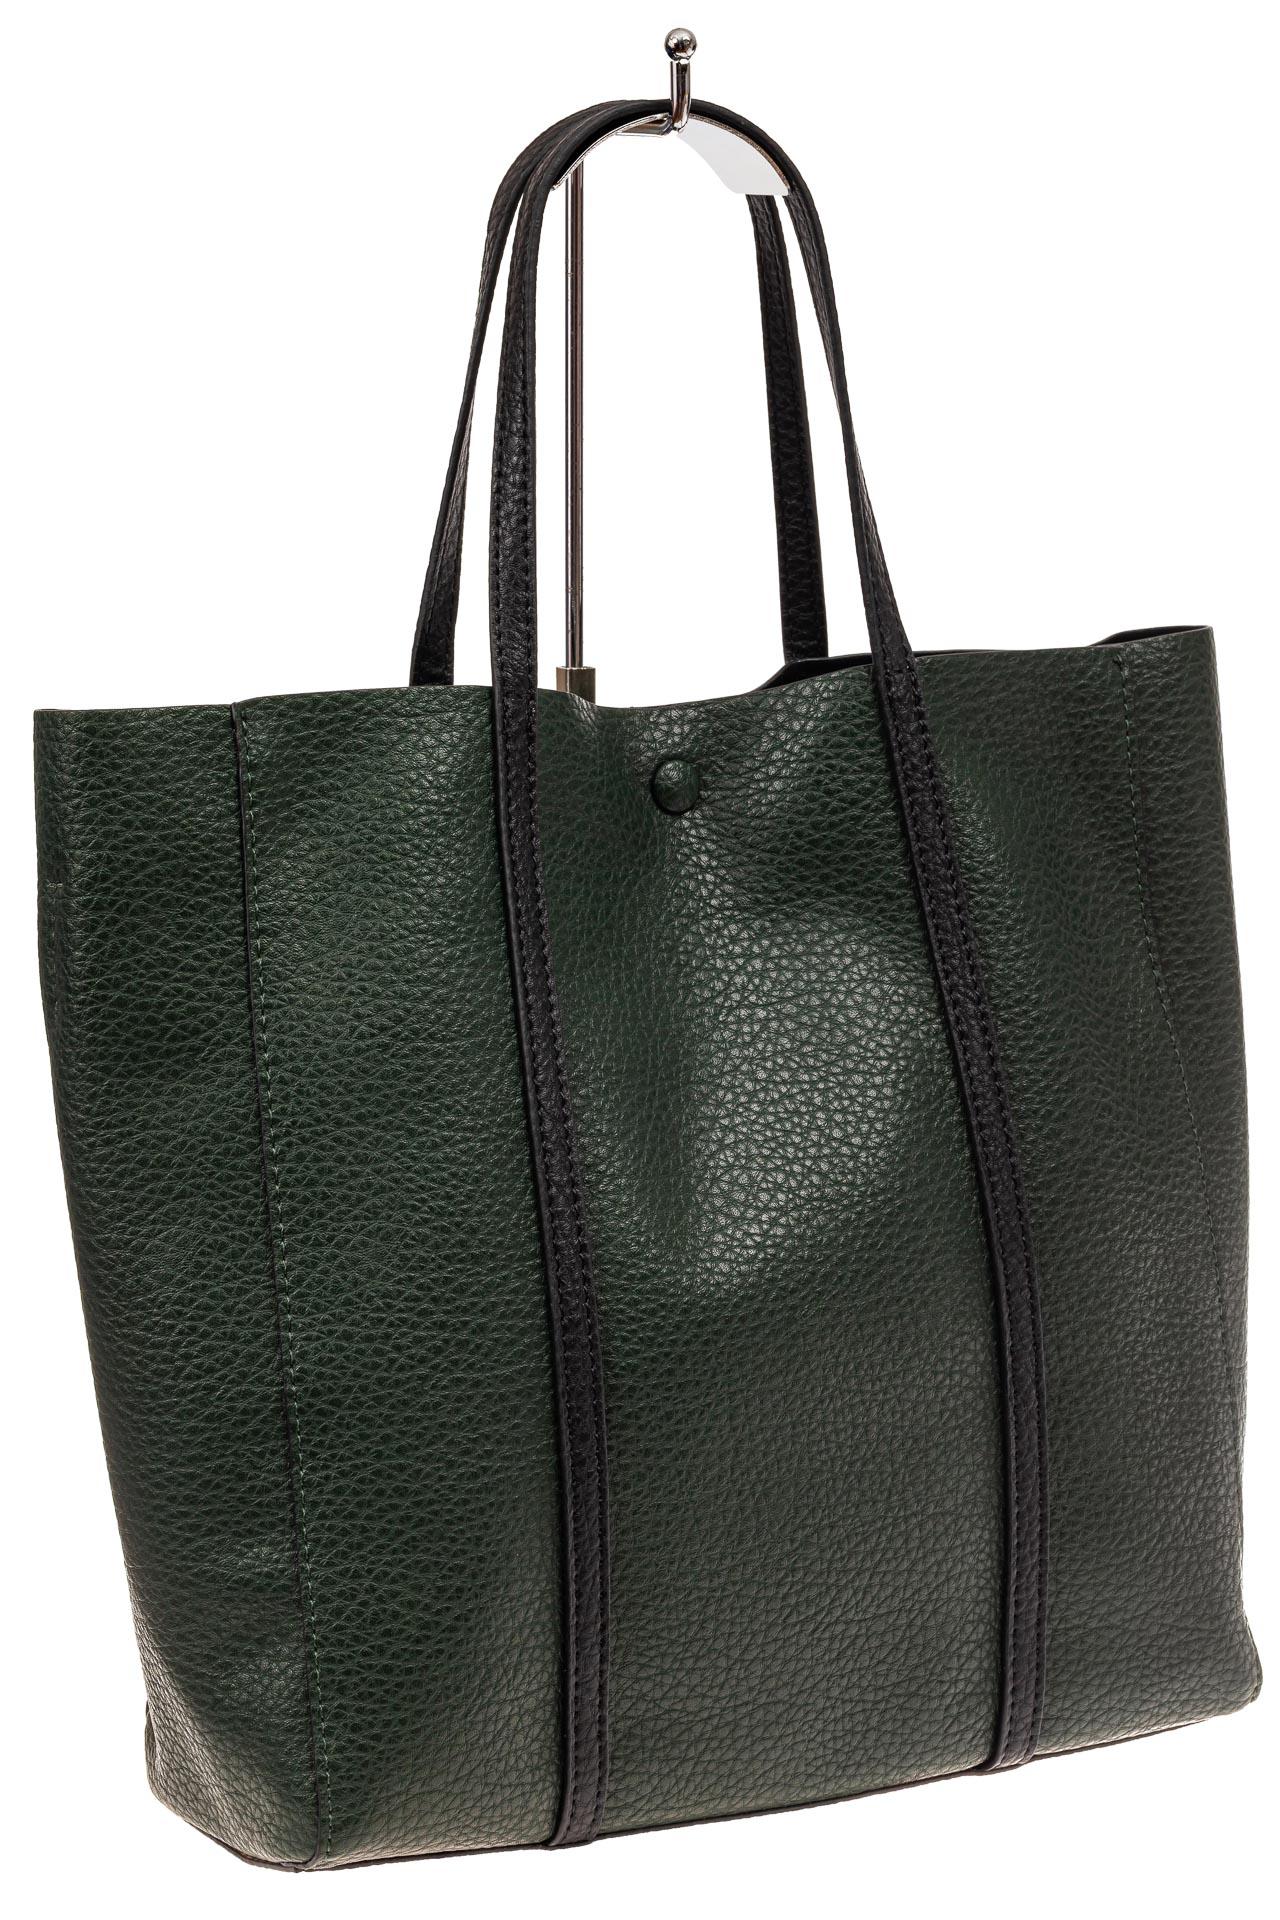 Сумка женская шоппер из натуральной кожи, цвет зеленый882NK1219/7